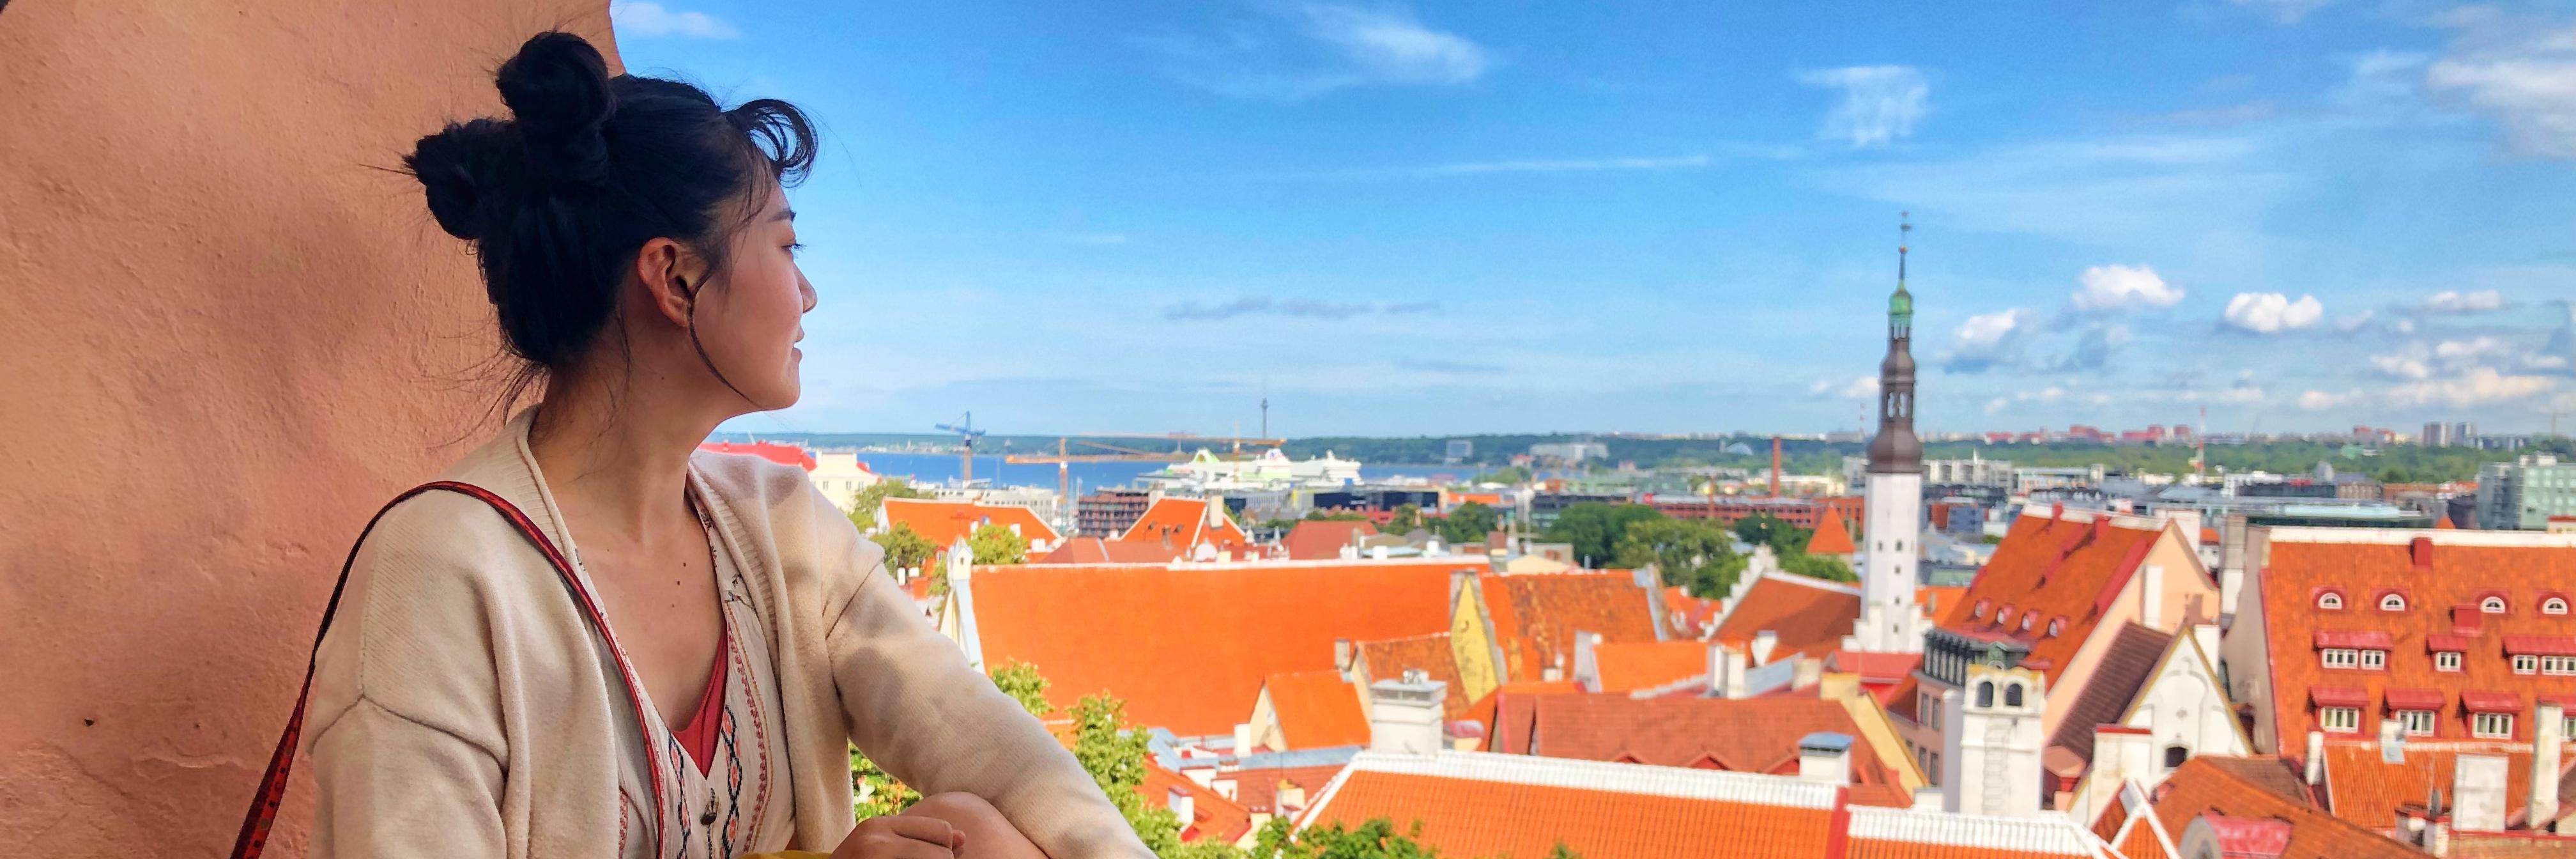 2019自驾亚欧非D68-75—波罗的海三国+白俄罗斯+波兰